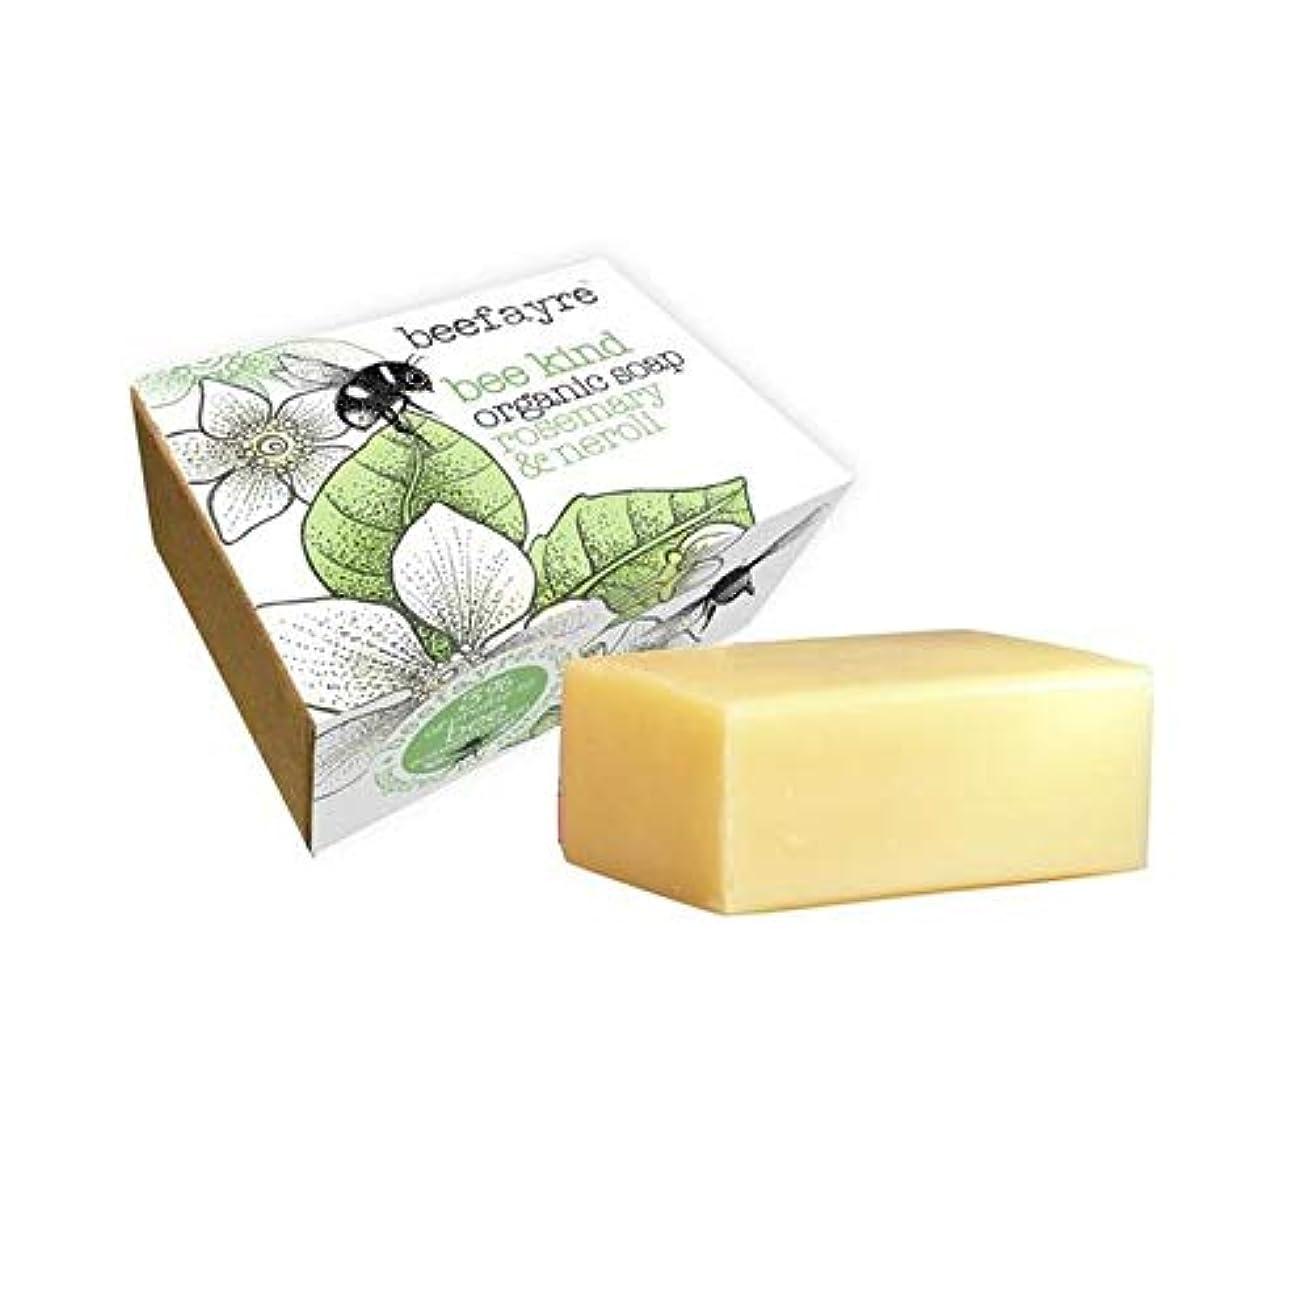 説明特別なこどもの日[Beefayre] 有機ローズマリー&ネロリソープバー100グラムBeefayre - Beefayre Organic Rosemary & Neroli Soap Bar 100g [並行輸入品]